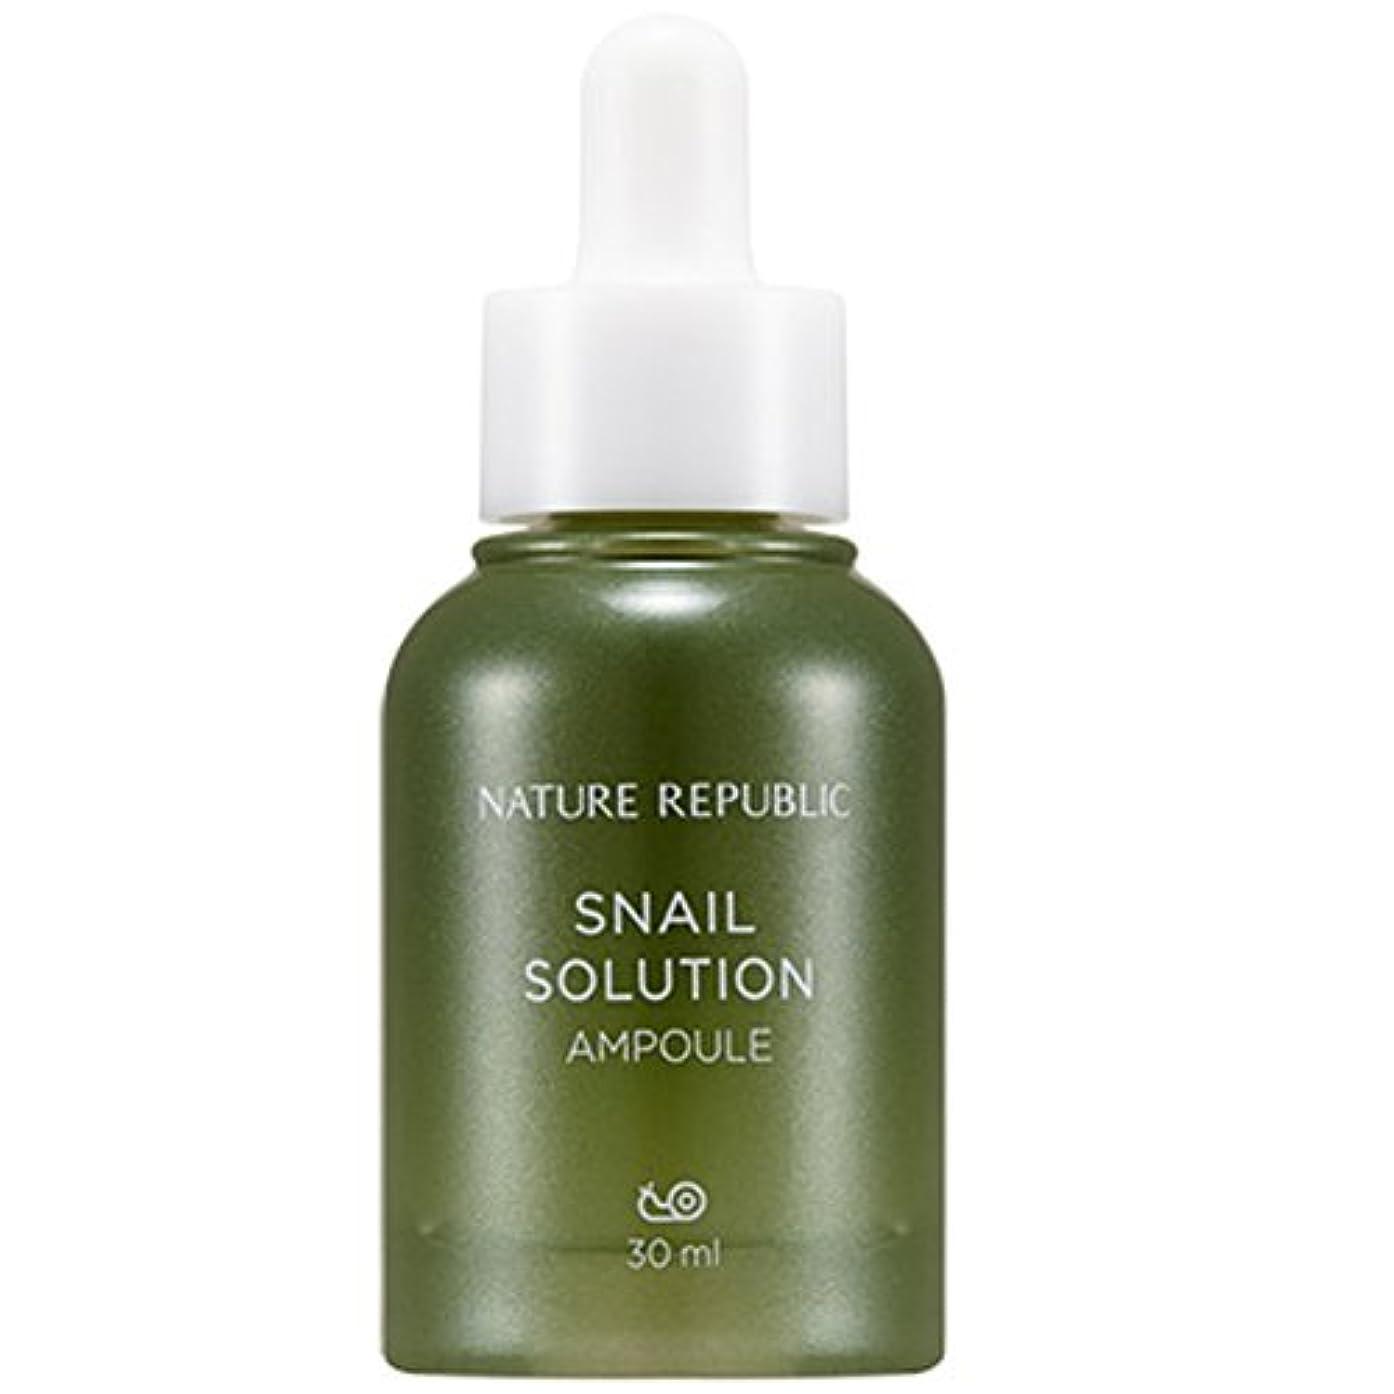 致命的追跡排泄物NATURE REPUBLIC Snail Solution AMPOULE ネイチャーリパブリック ネイチャーリパブリックカタツムリソリューション アンプル